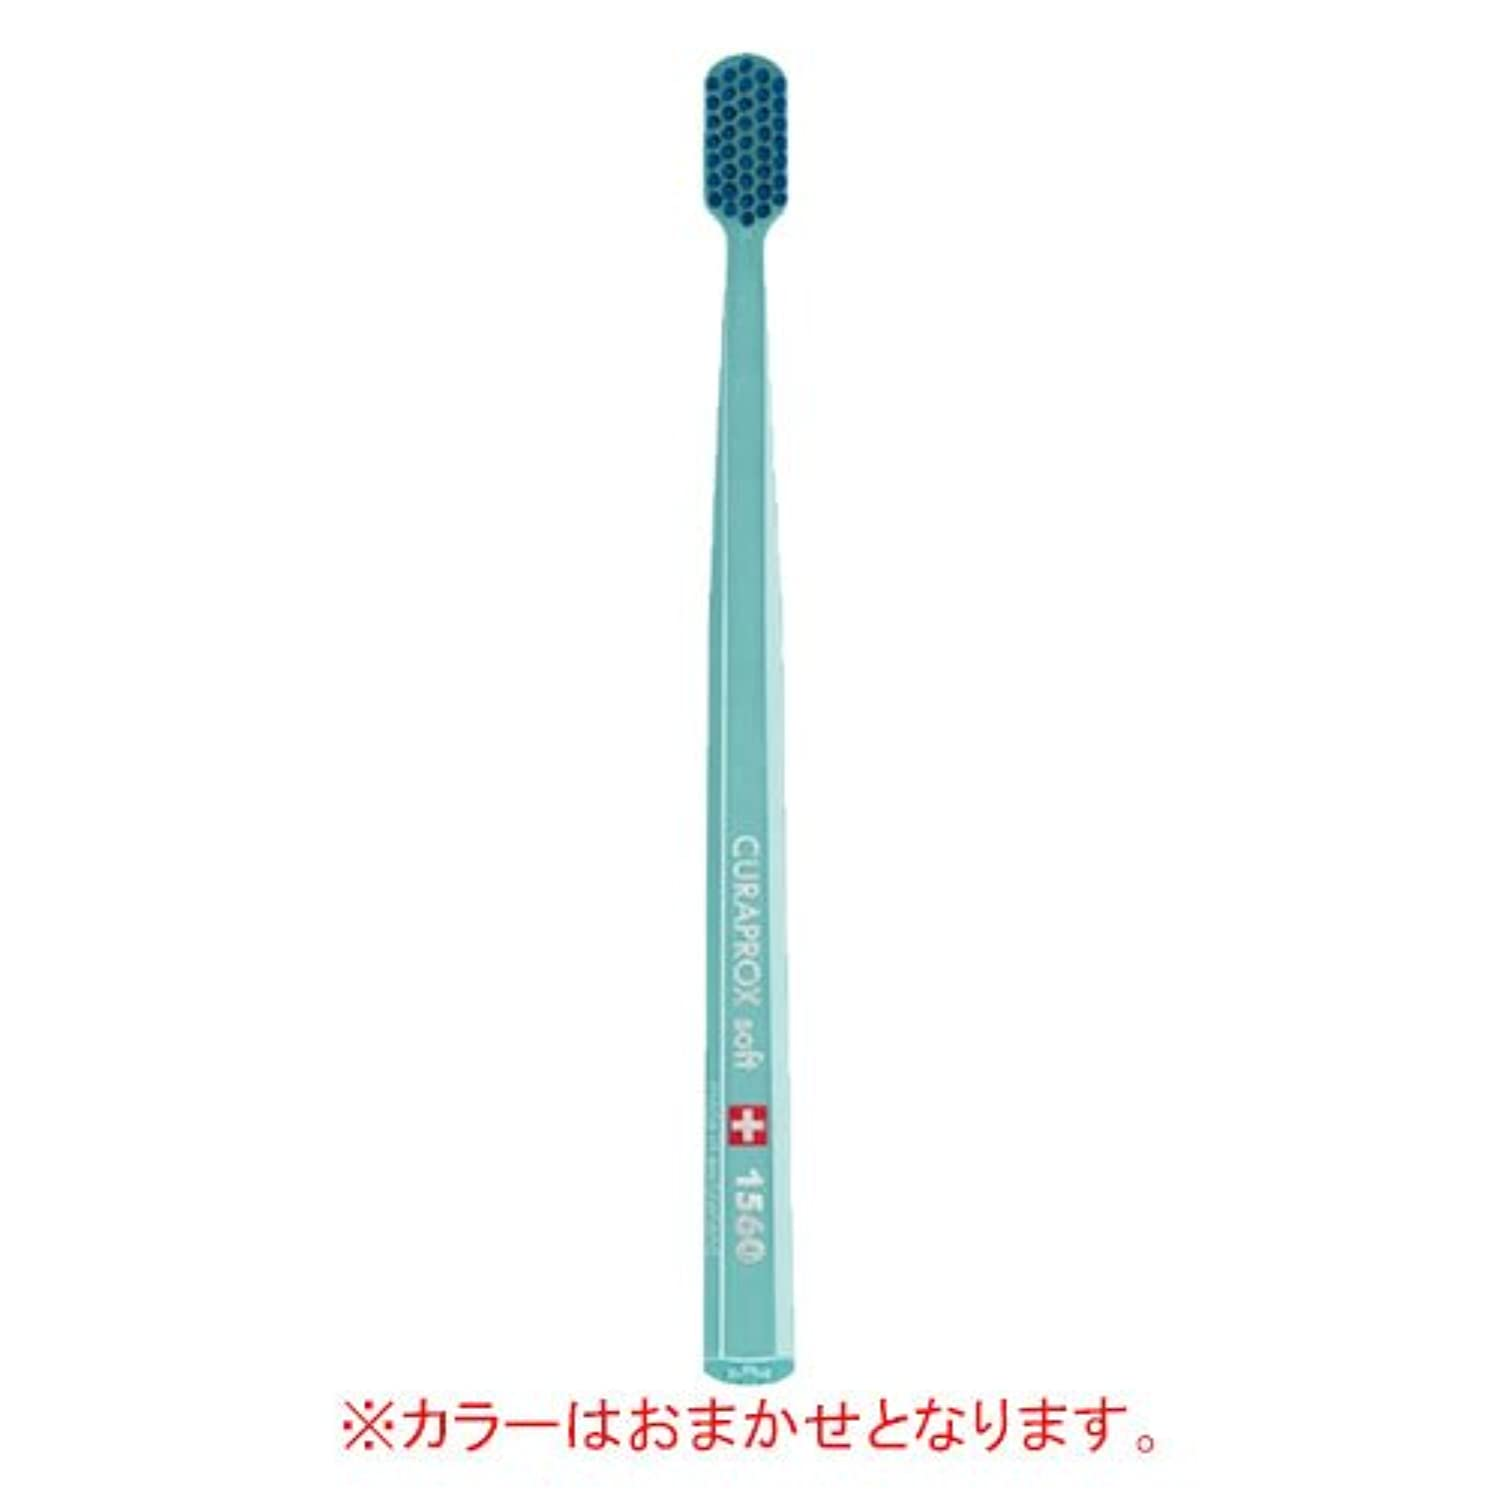 ペルメルフレア一部キュラプロックス Curaprox 超極細毛歯ブラシ ソフト CS1560 1本